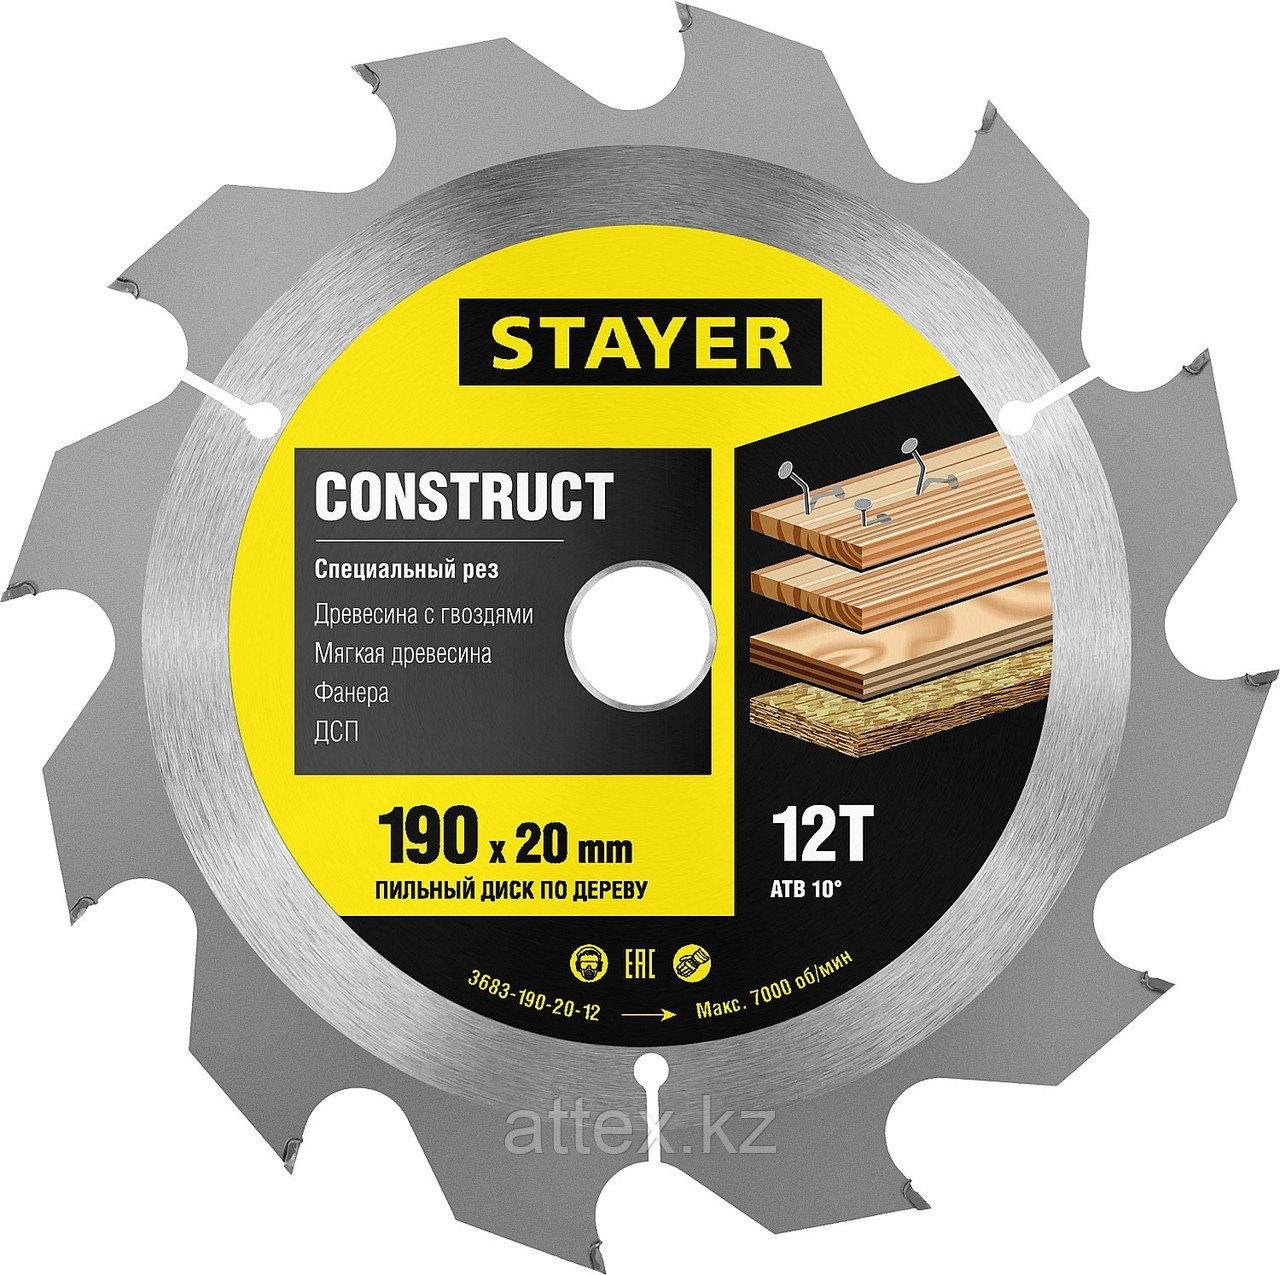 """Пильный диск """"Construct line"""" для древесины с гвоздями, 190x20, 12Т, STAYER  3683-190-20-12"""